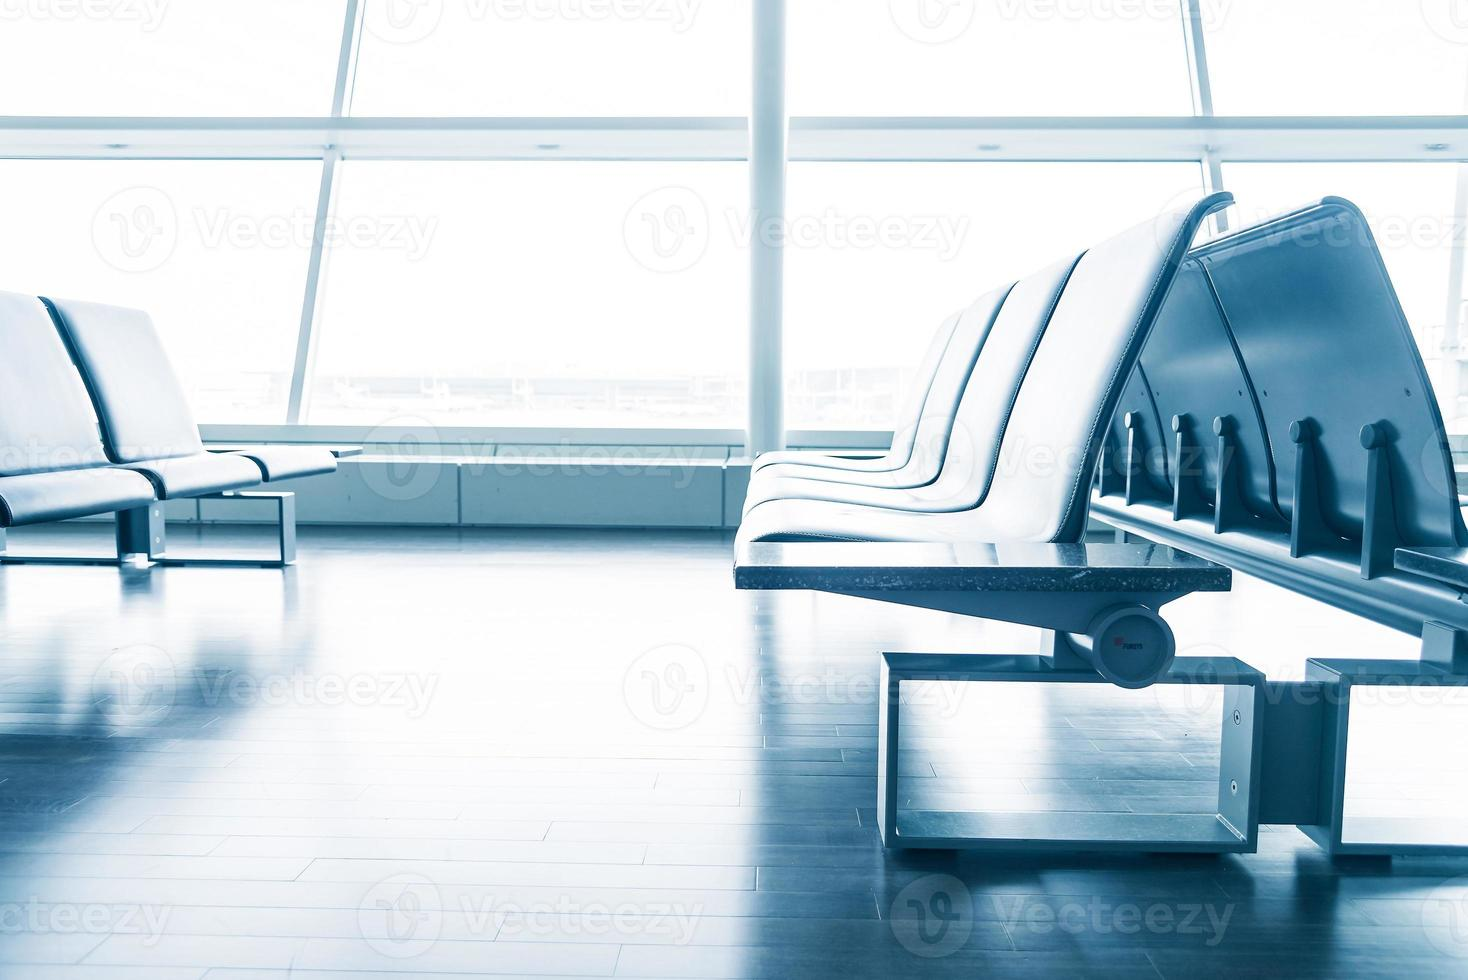 tom plats på flygplatsen foto